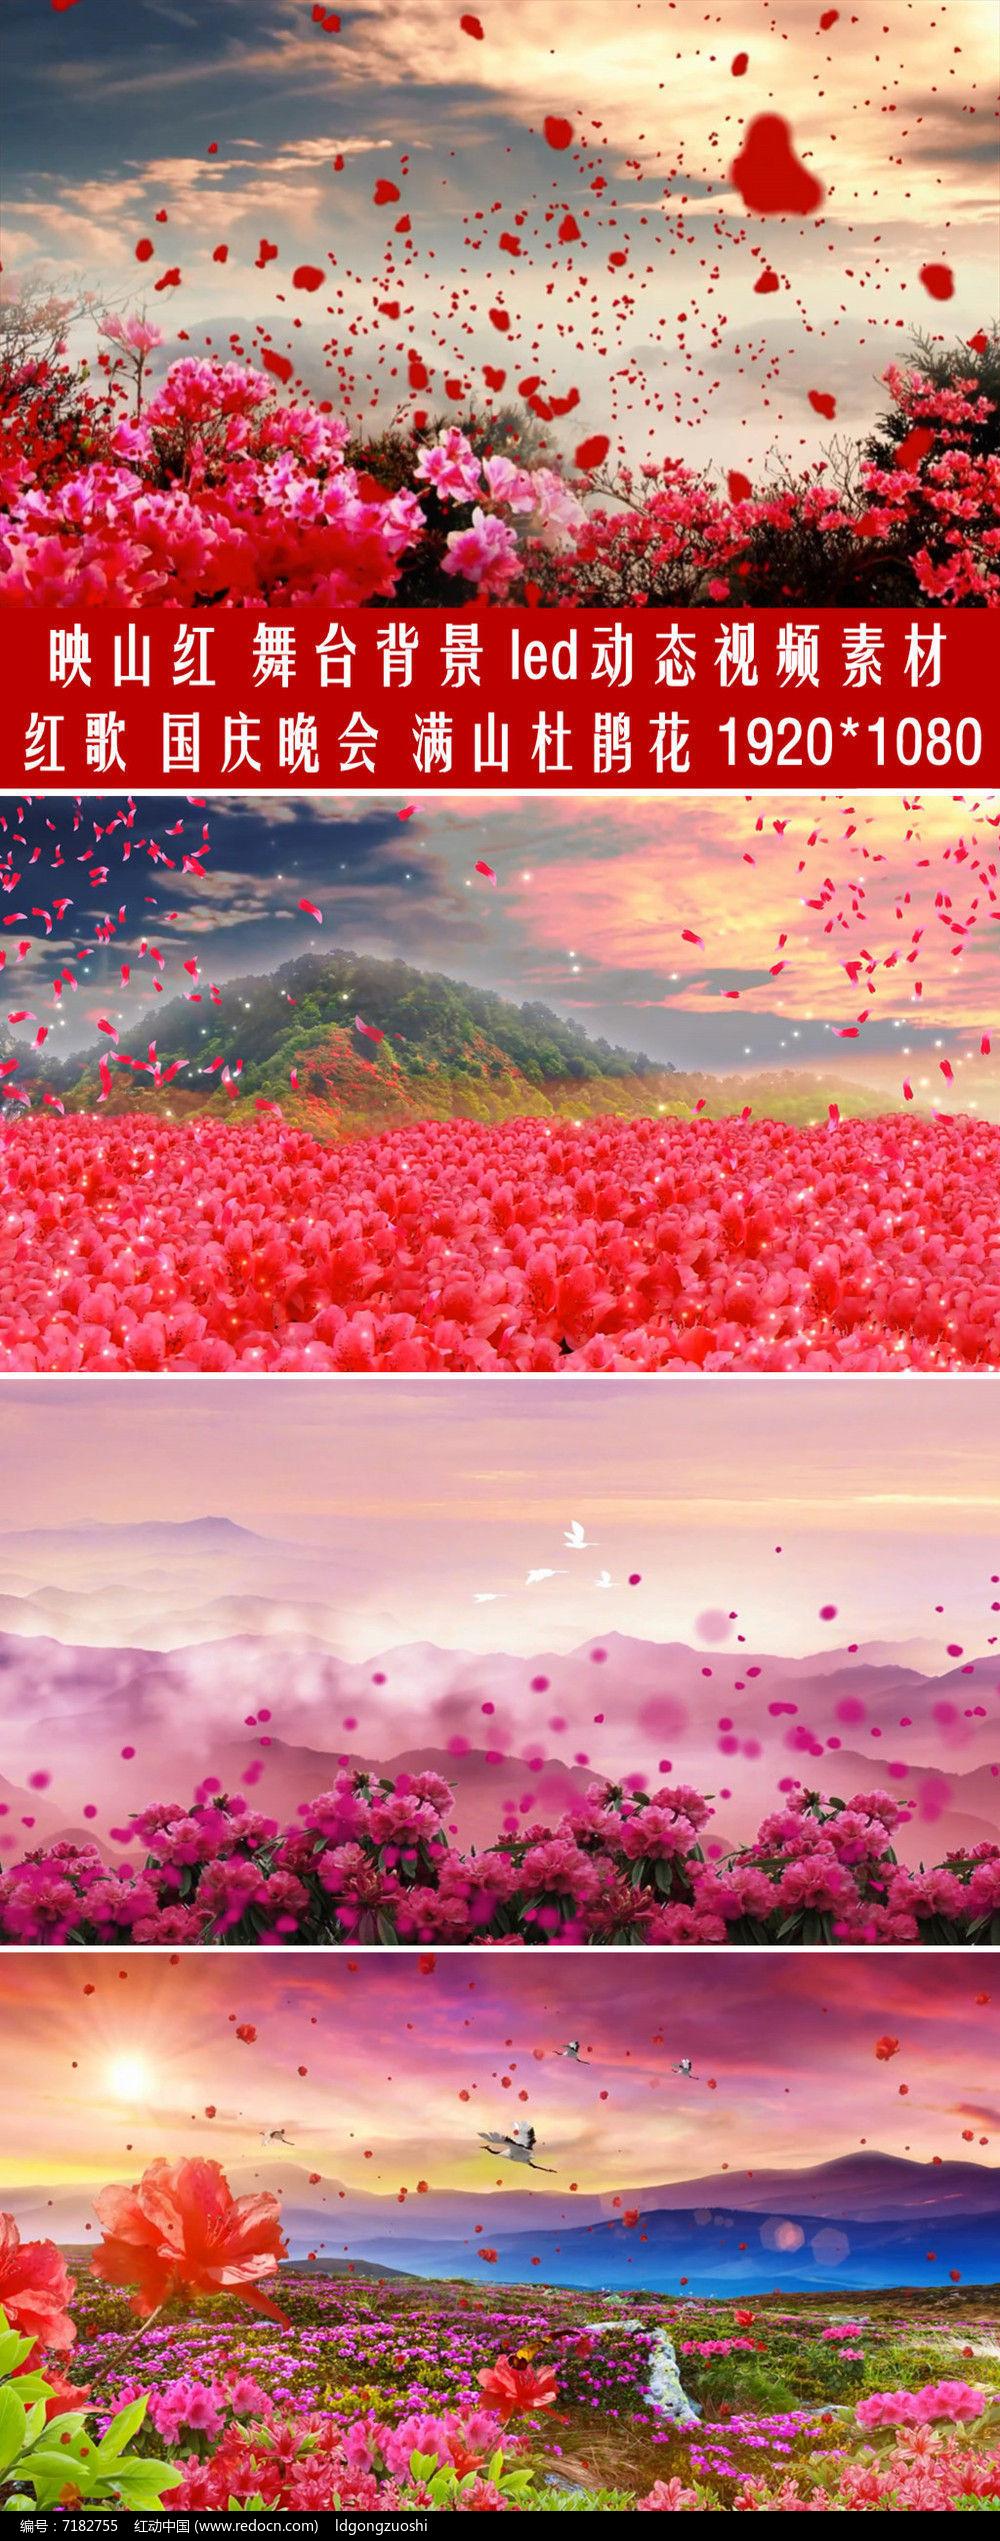 映山红配乐成品花瓣飞舞舞台背景led视频图片